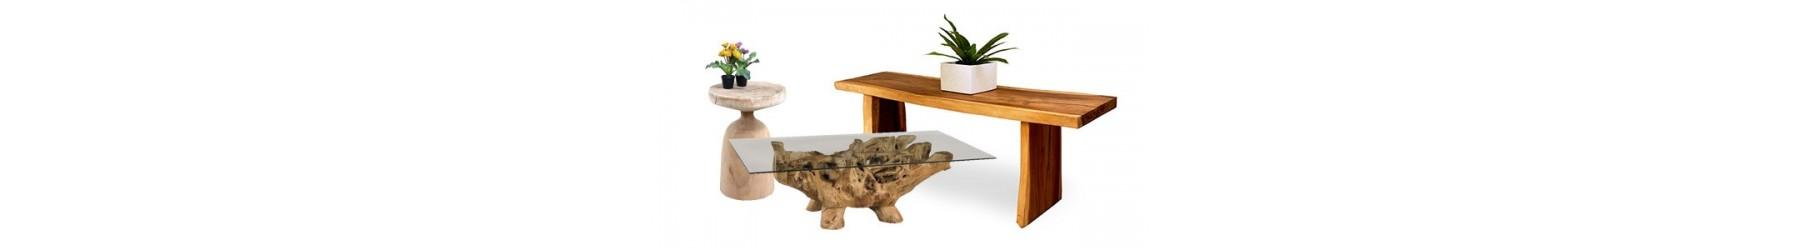 Τραπέζια με υψηλή σχεδιαστική αντίληψη στην αρχιτεκτονική εφαρμογή.